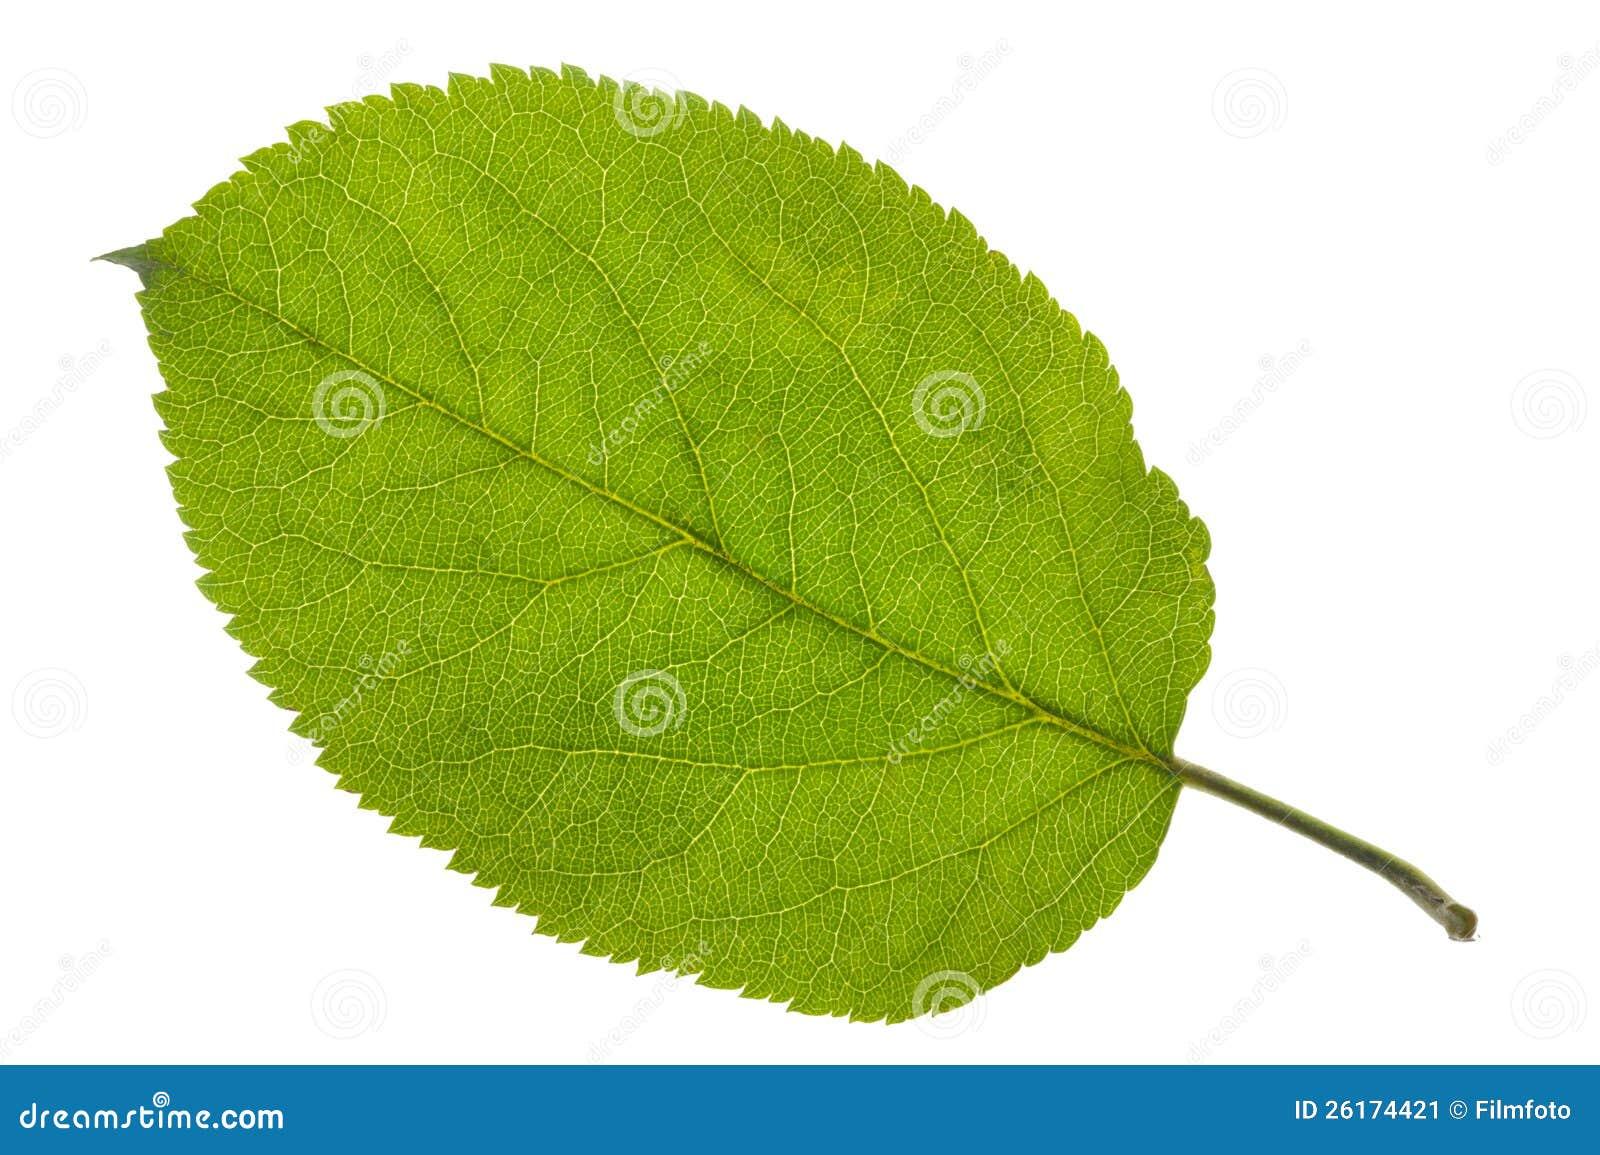 苹果树叶子查出在空白背景.图片